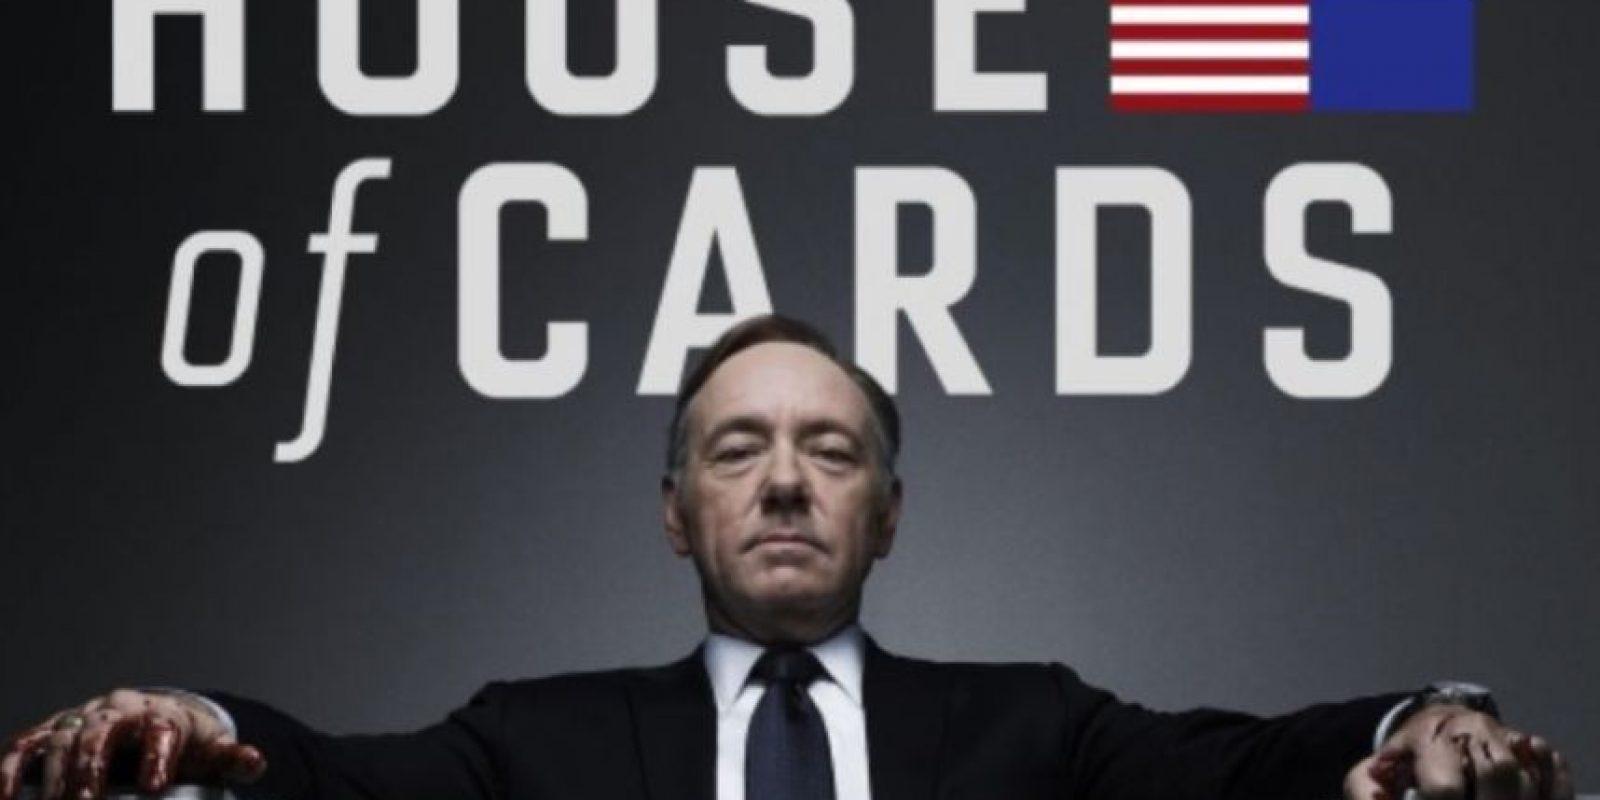 """4- Cuando Netflix compró los derechos de """"House of Cards"""" reclutó a David Fincher y a Kevin Spacey por la popularidad de sus películas. Foto:Netflix"""